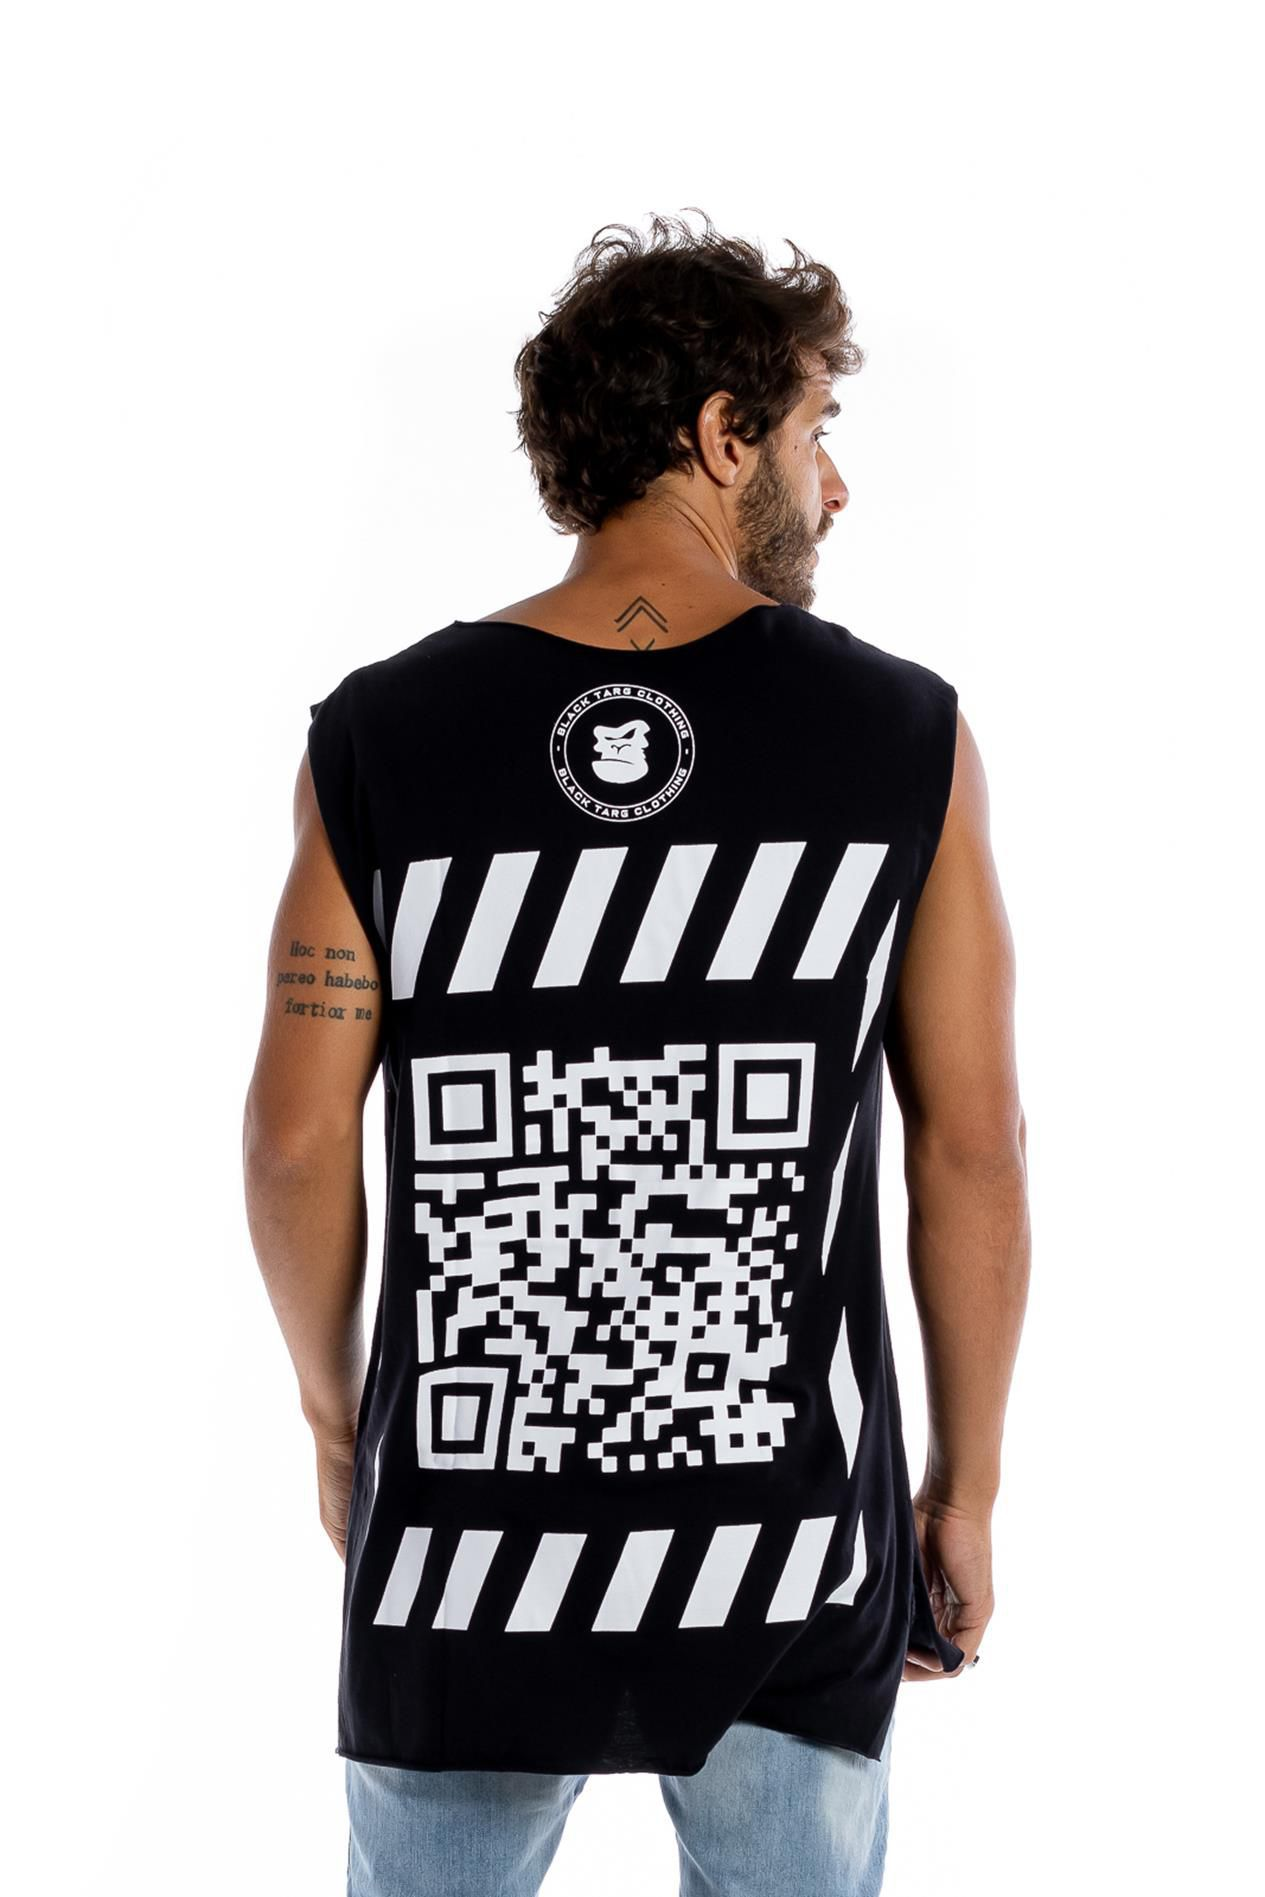 Regata longline masculina preta code